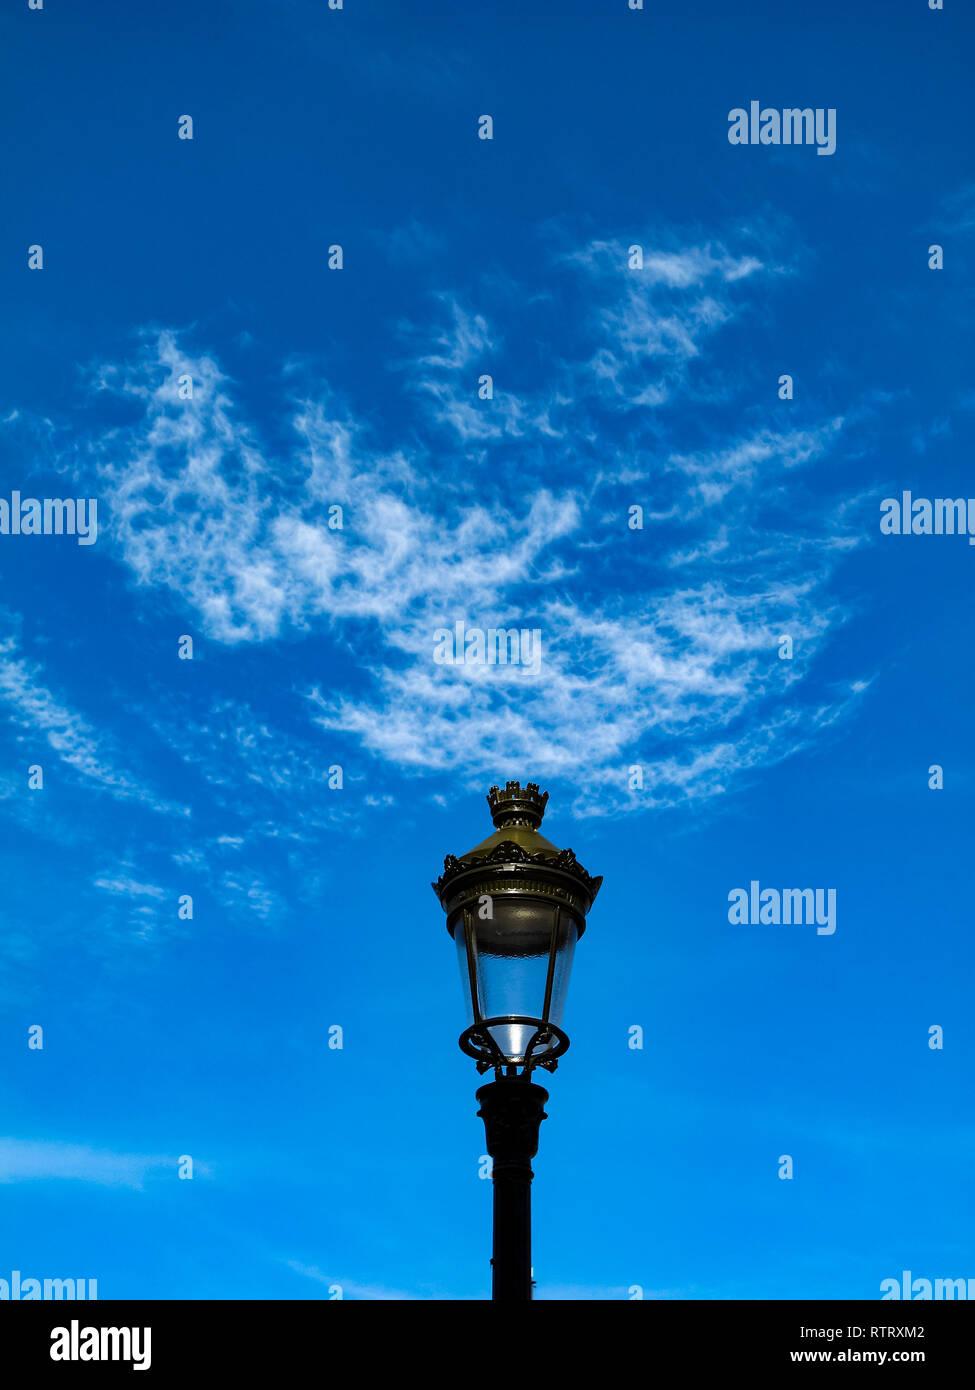 Un pôle d'éclairage sur une mission, Strasbourg, France. Photo Stock